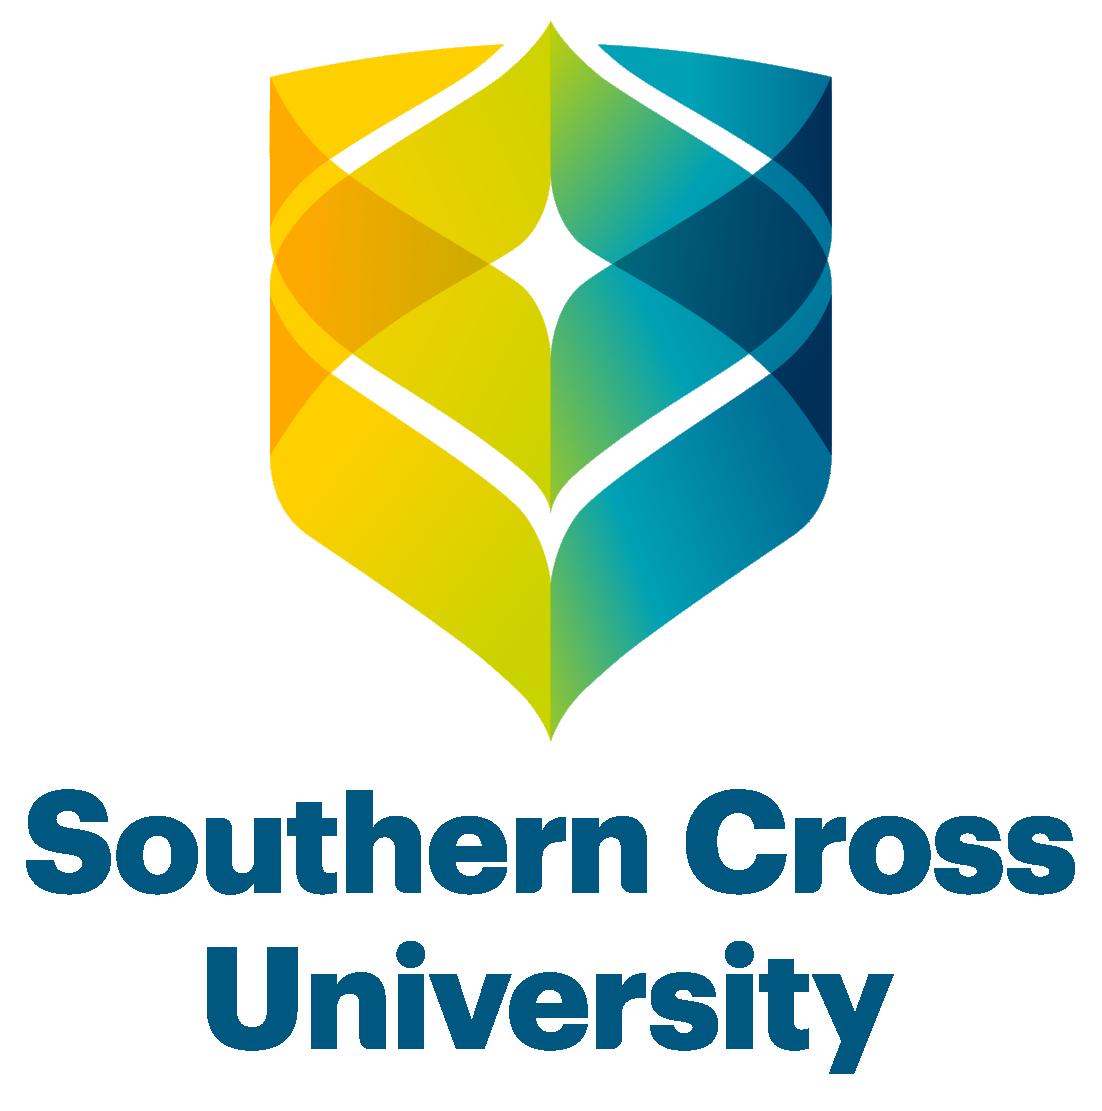 Southern Cross University (SCU)